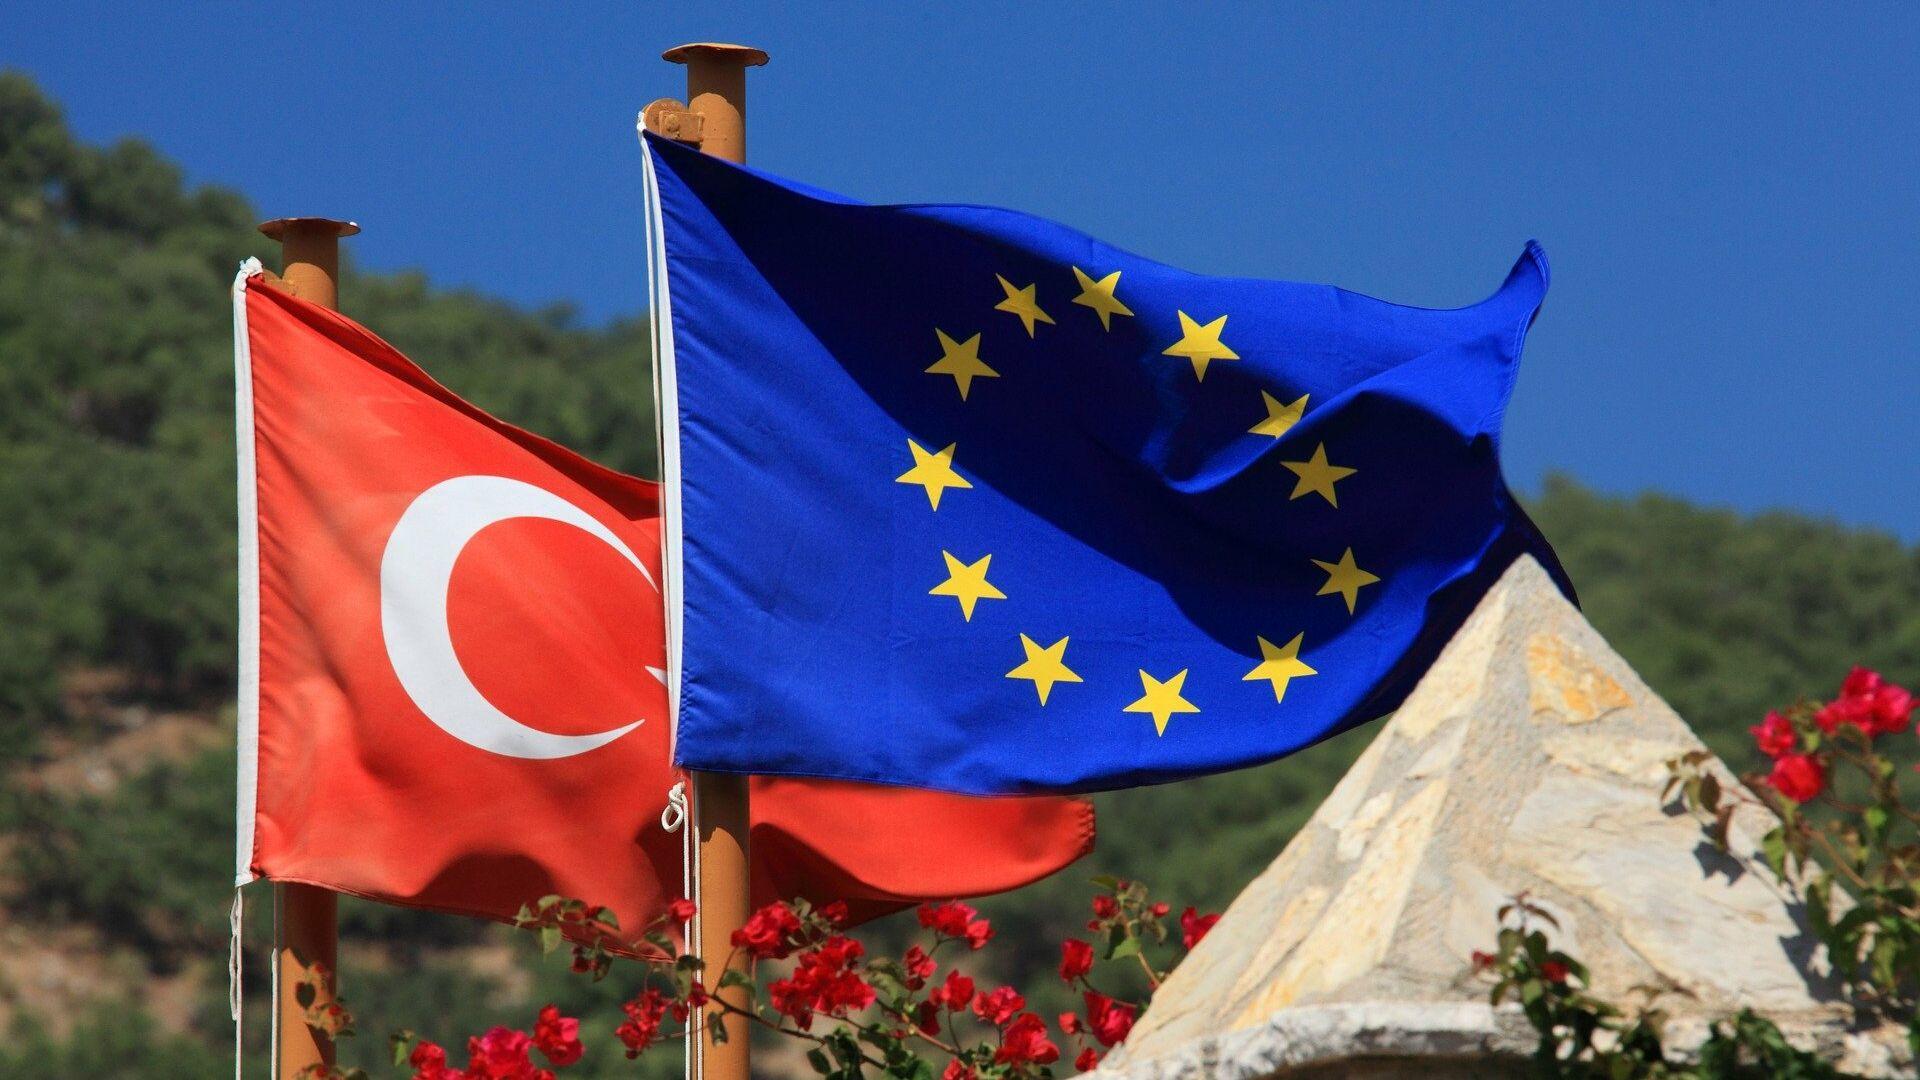 Le bandiere dell'UE e della Turchia - Sputnik Italia, 1920, 24.06.2021